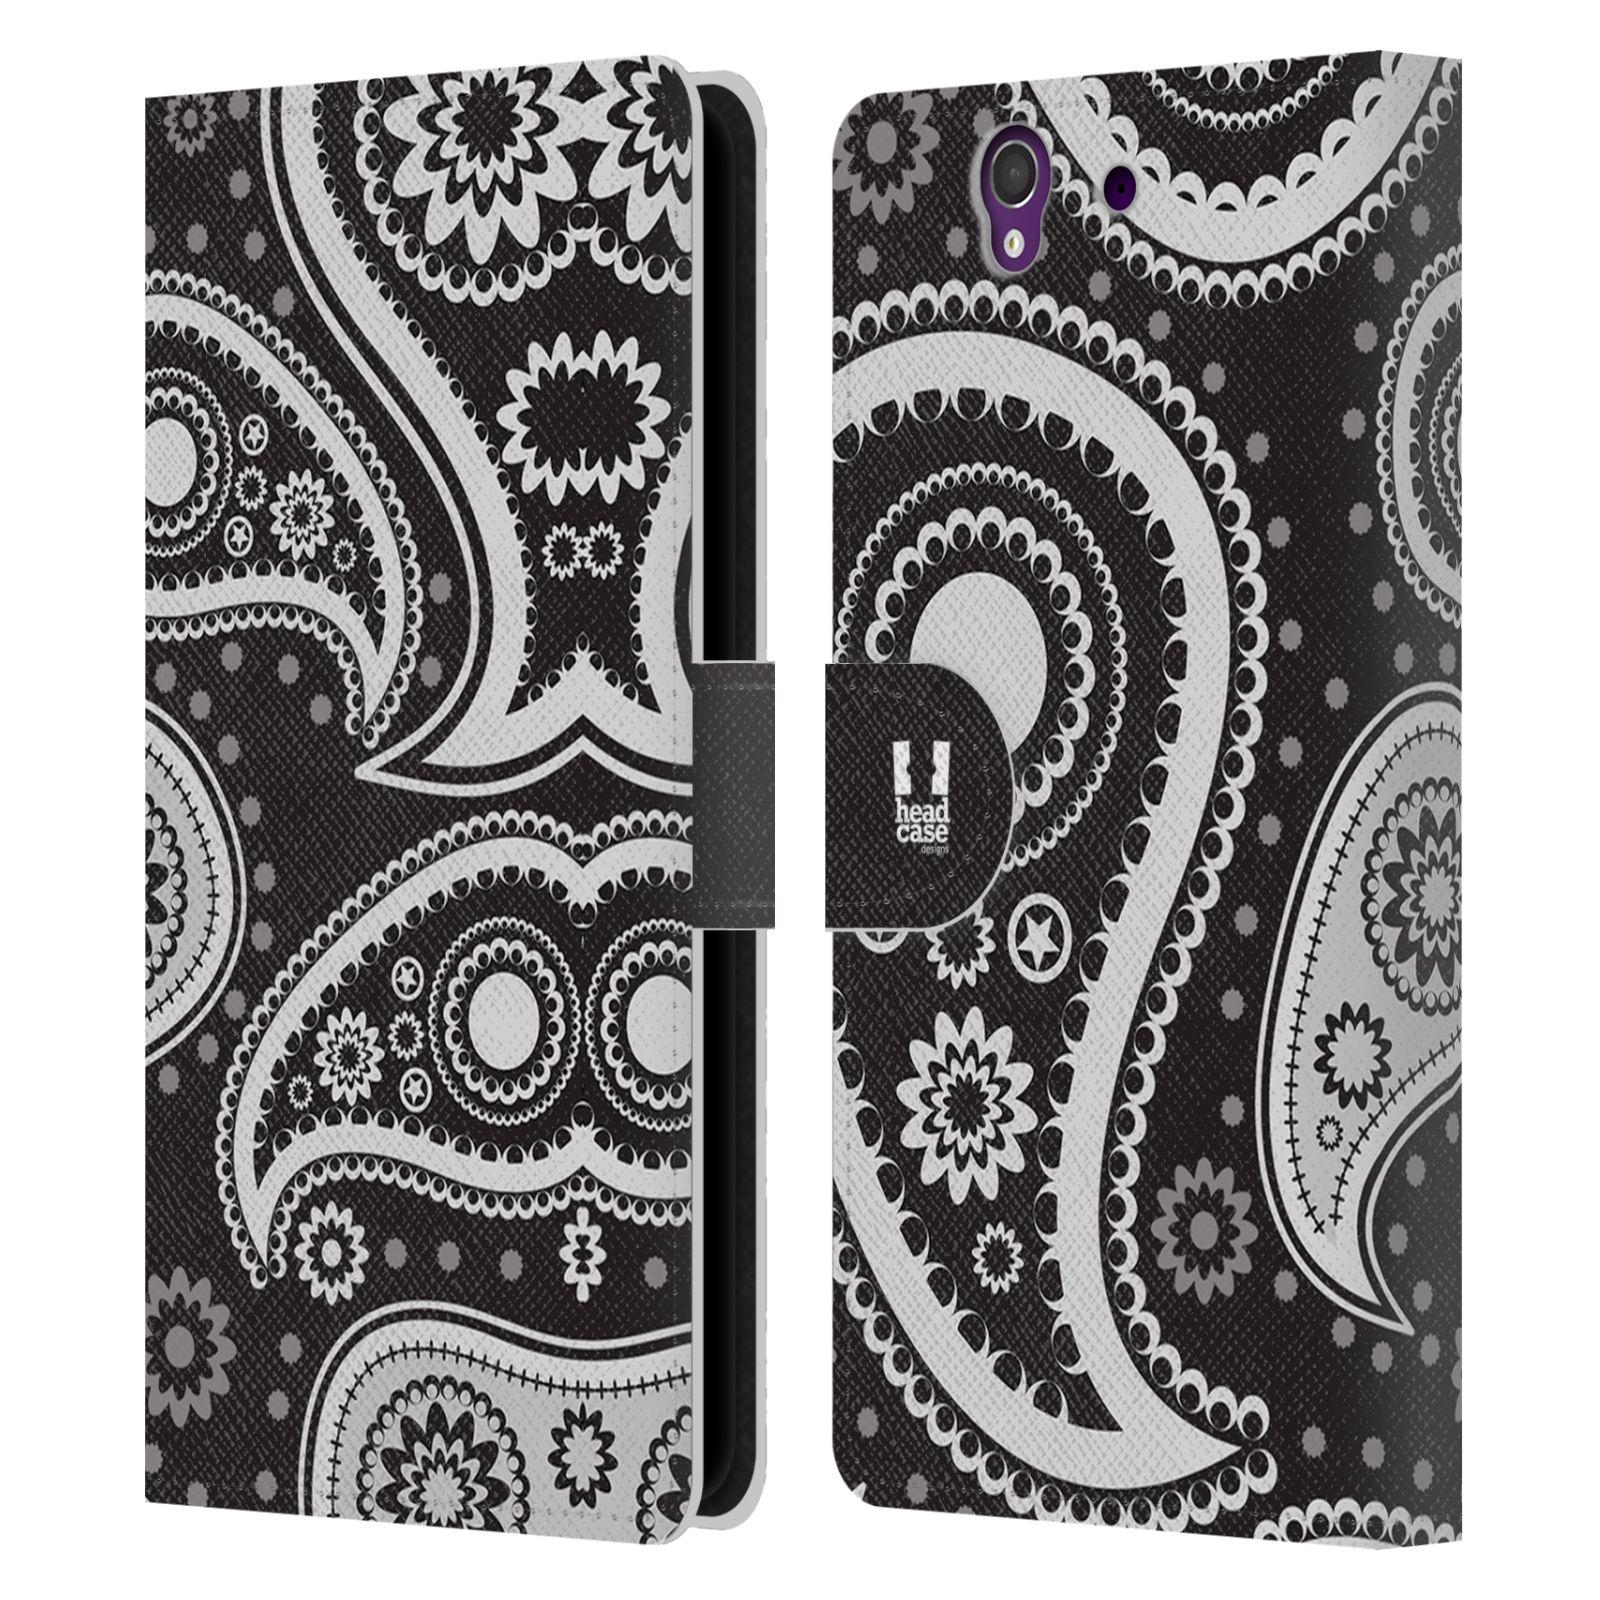 HEAD CASE Flipové pouzdro pro mobil SONY XPERIA Z (C6603) barevné slzy černá a bílá